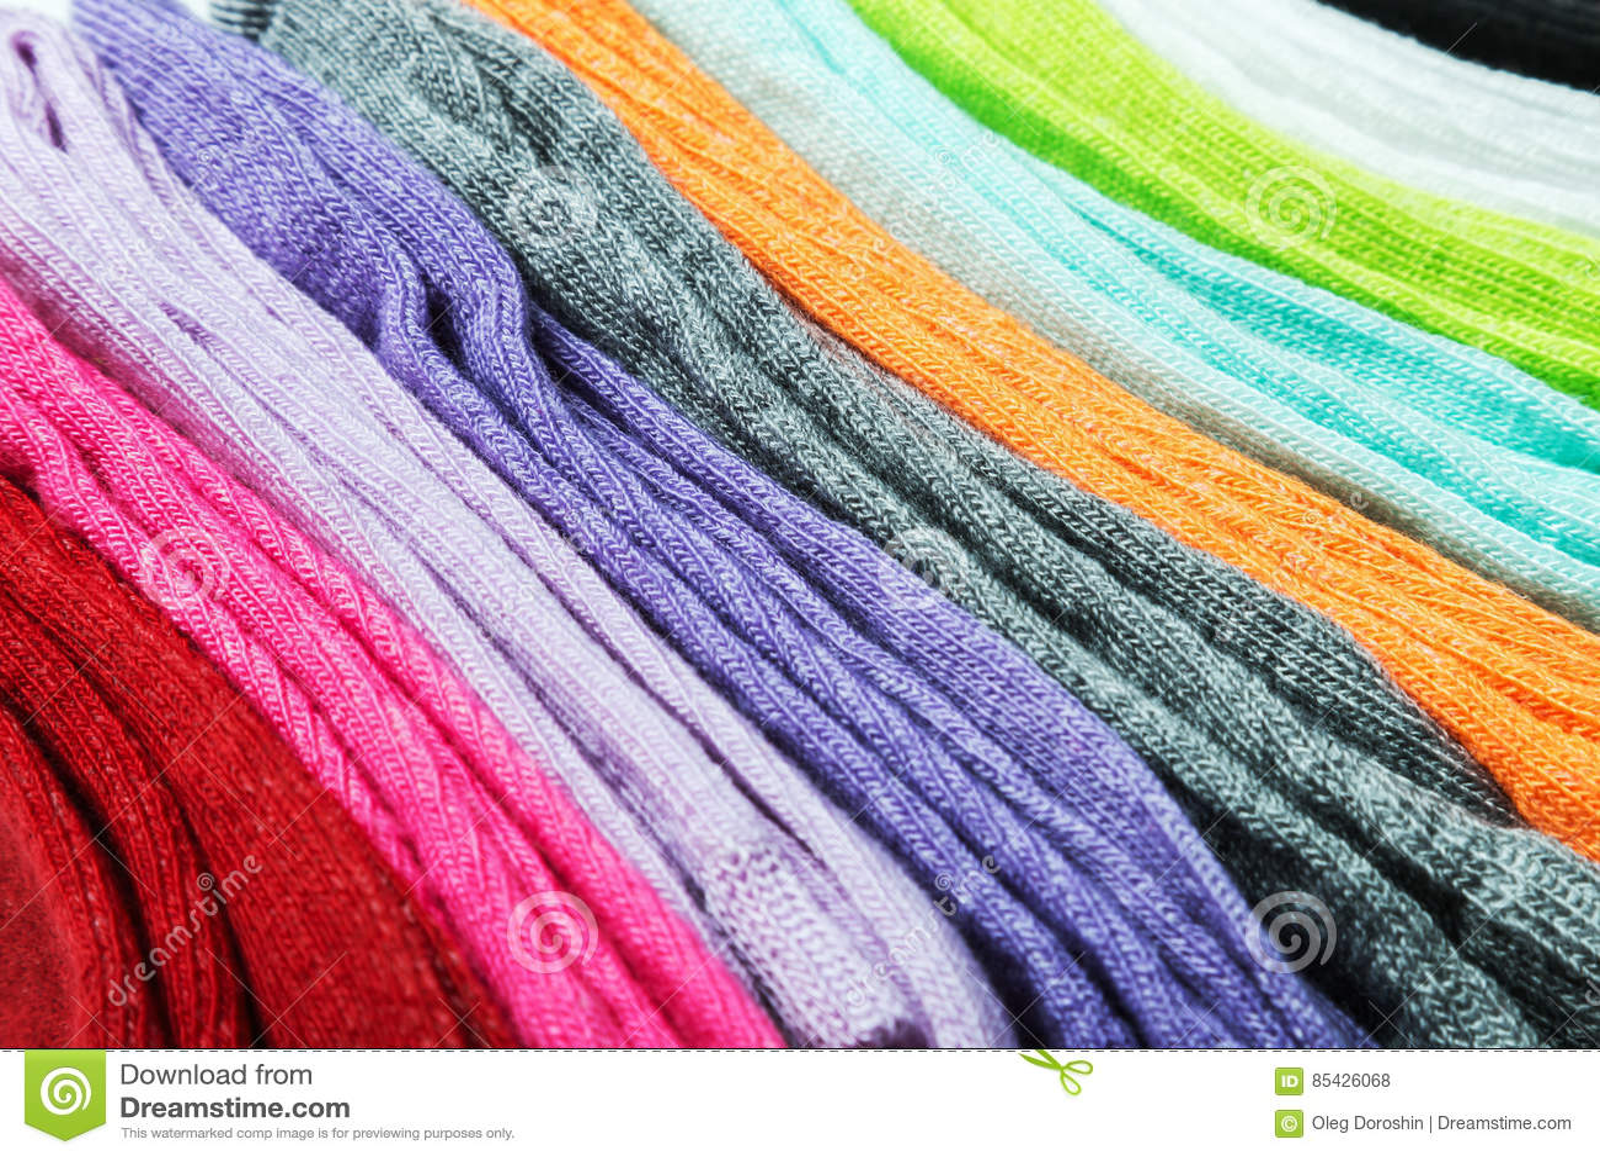 Το διαφορετικό χρώμα κτυπά βίαια το υφαντικό υπόβαθρο